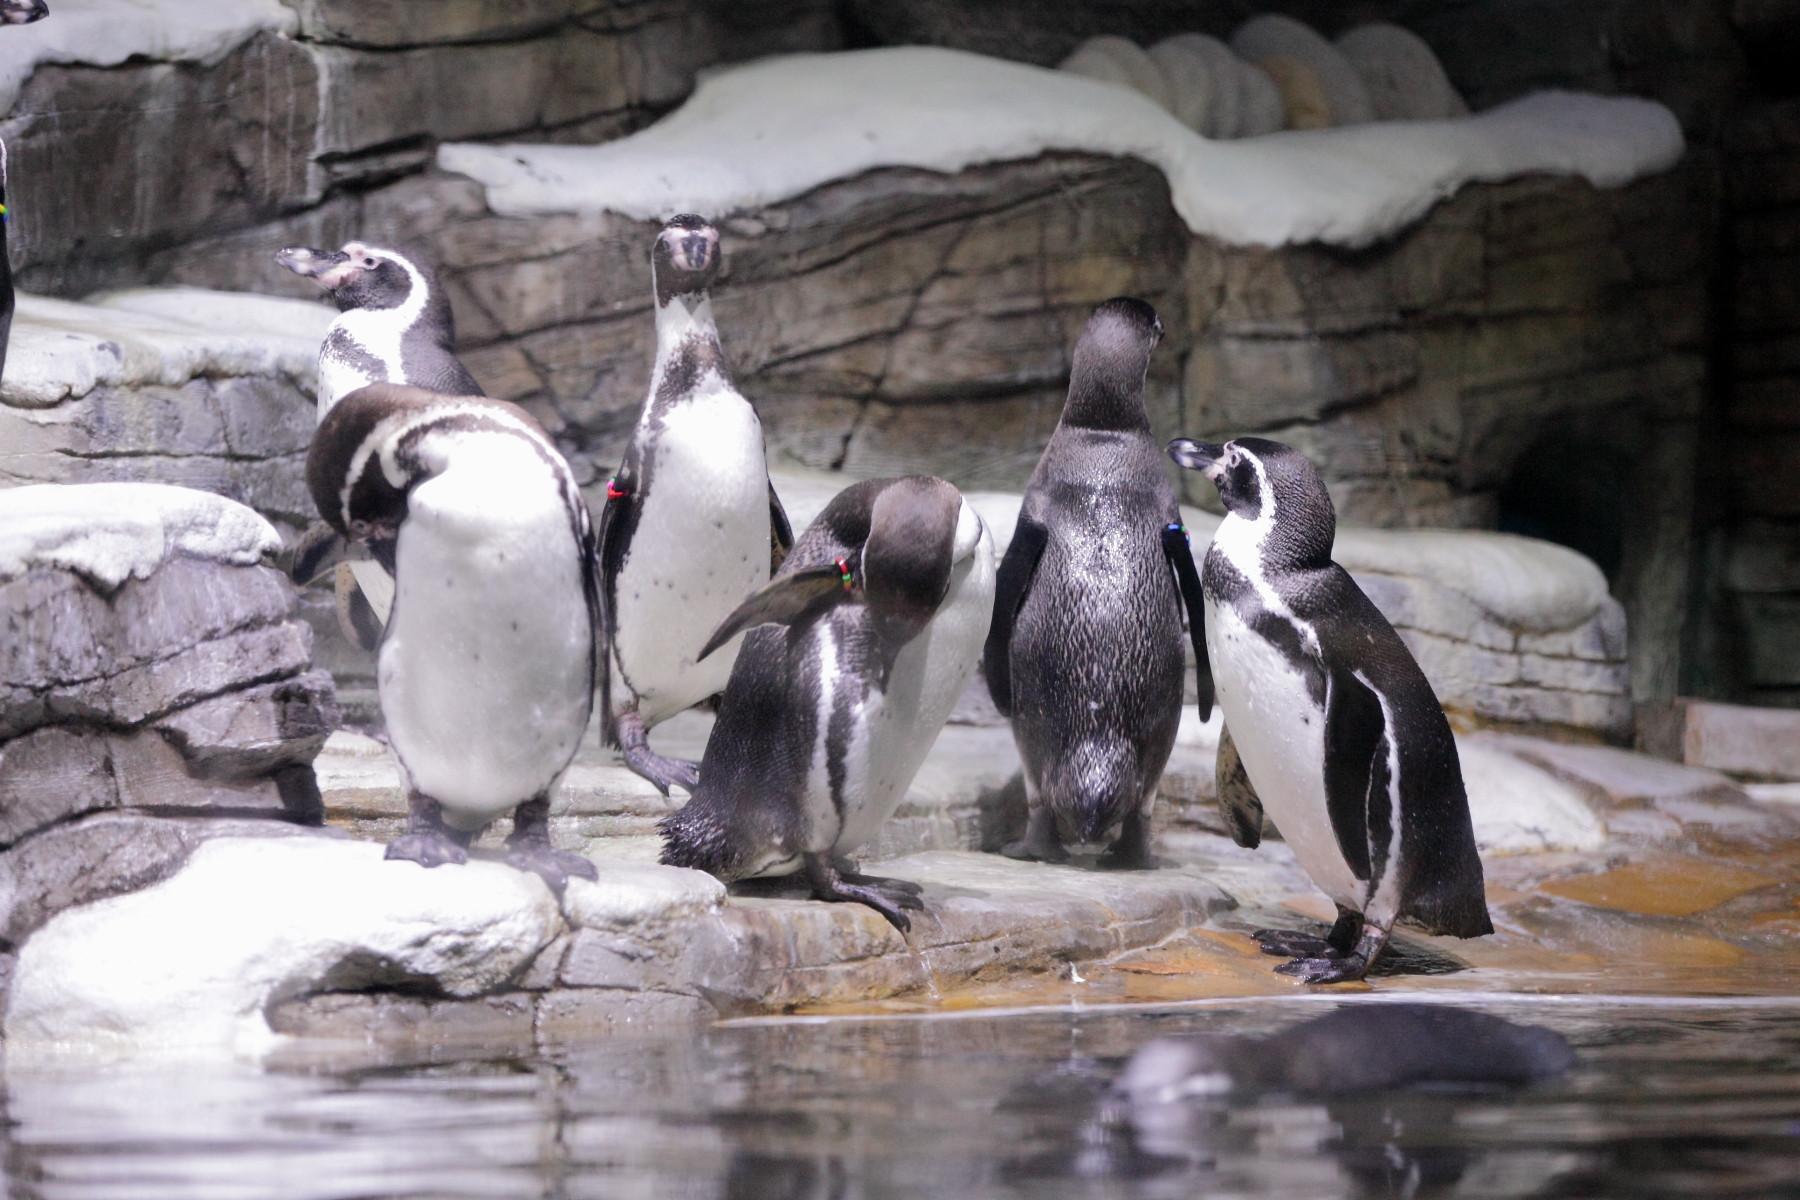 Мэр Магадана рассказал, как нужно было «отбивать» яйца и пингвинов у горожан